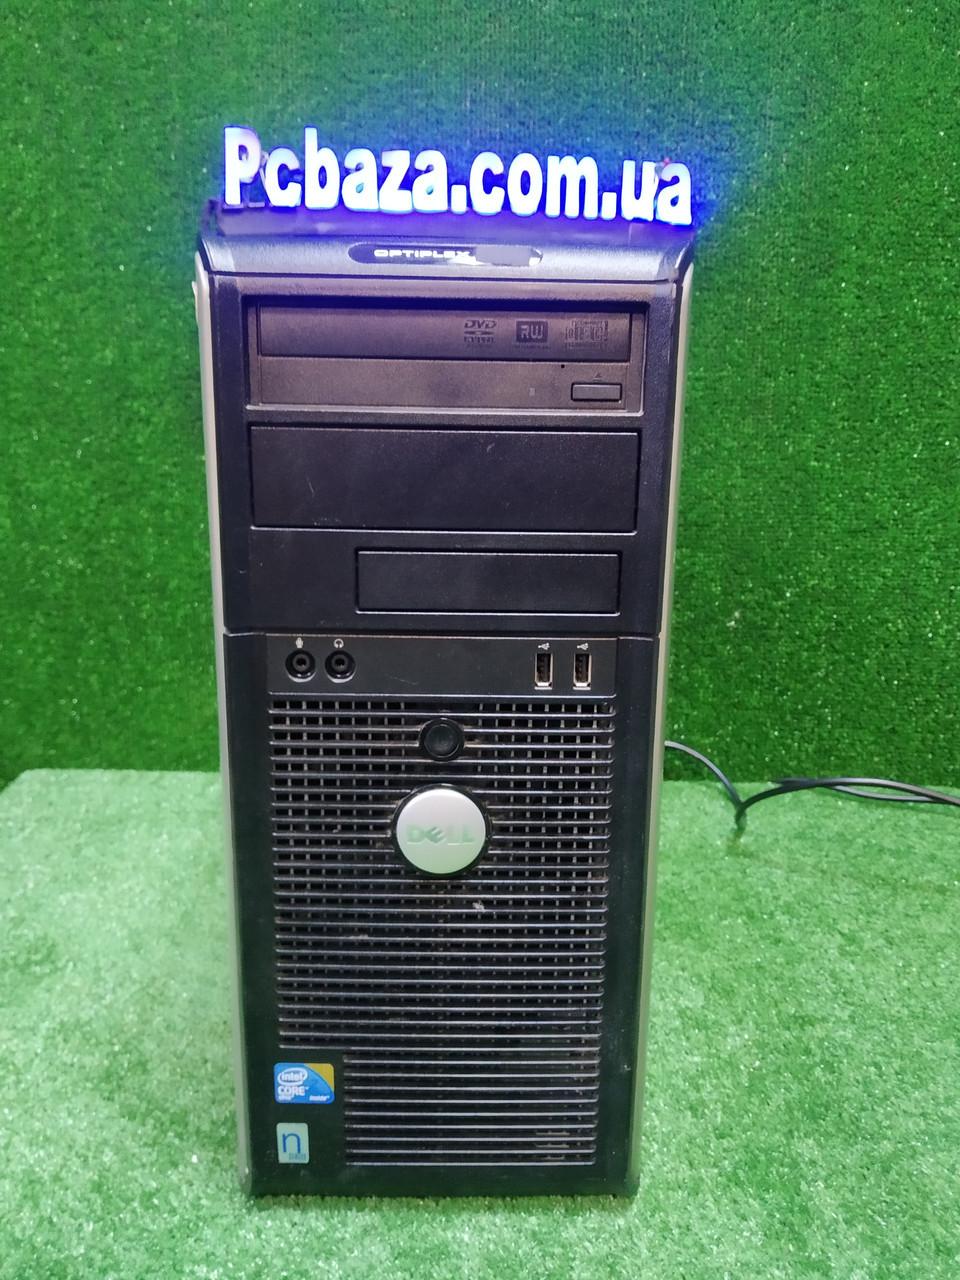 Компьютер Dell, Intel 4 ядра, 6 ГБ, 160 ГБ Настроен! Опт! Гарантия!